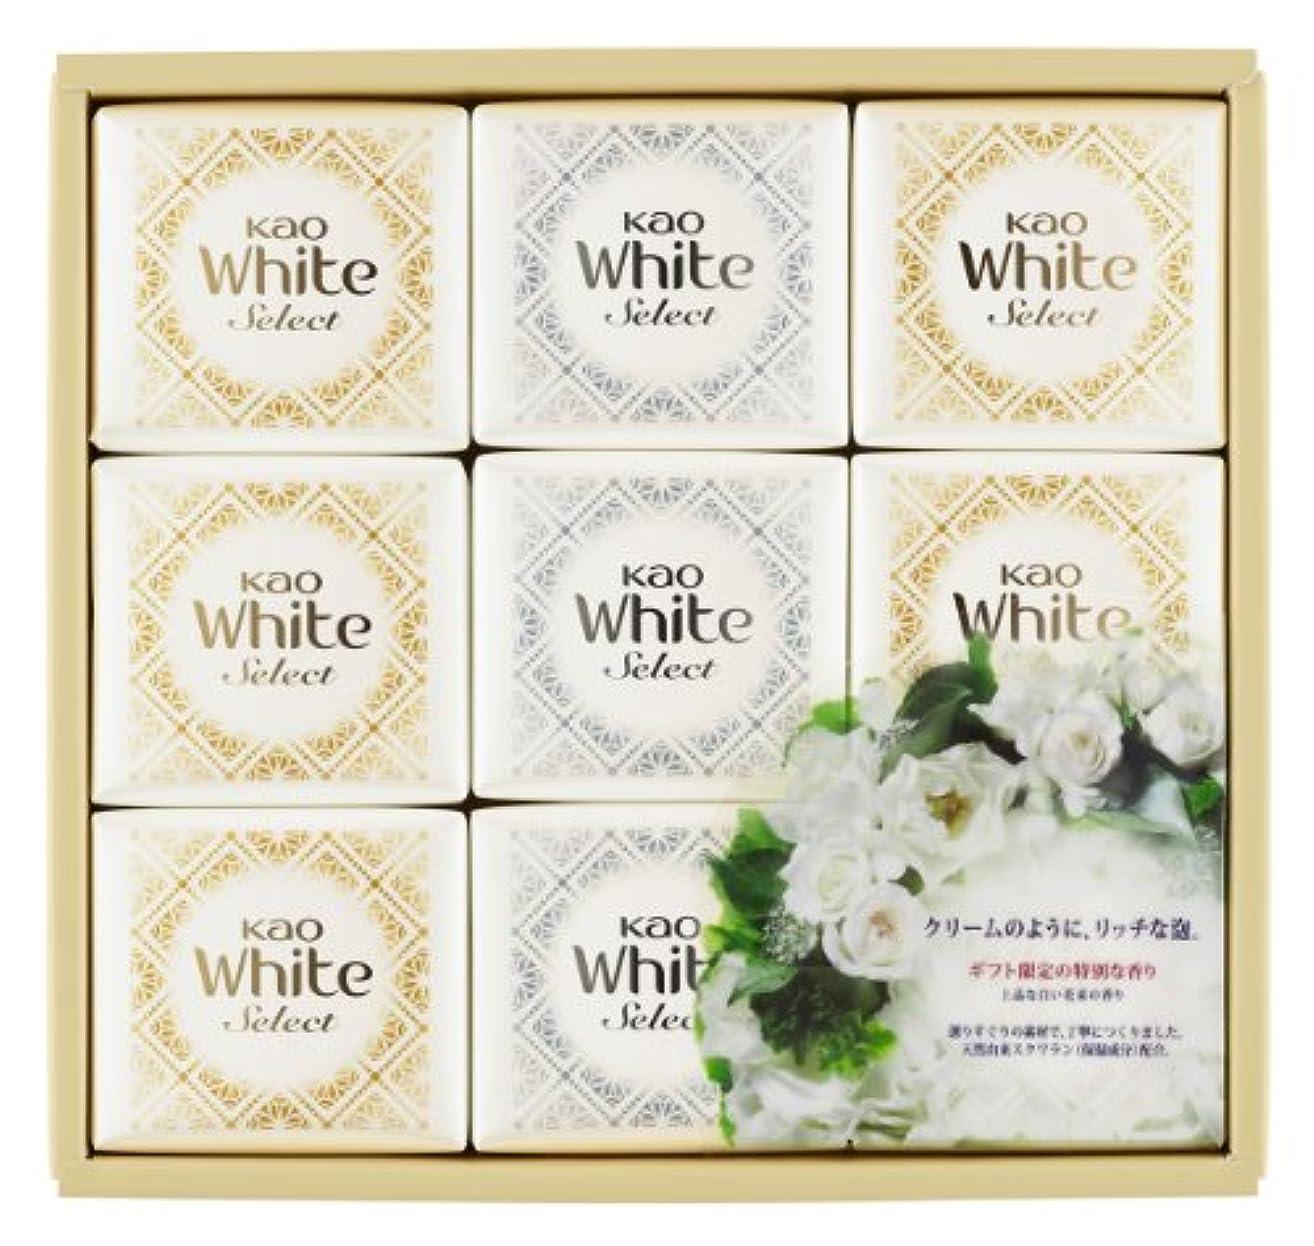 信条幸運被る花王ホワイト セレクト 上品な白い花束の香り 85g 9コ K?WS-15